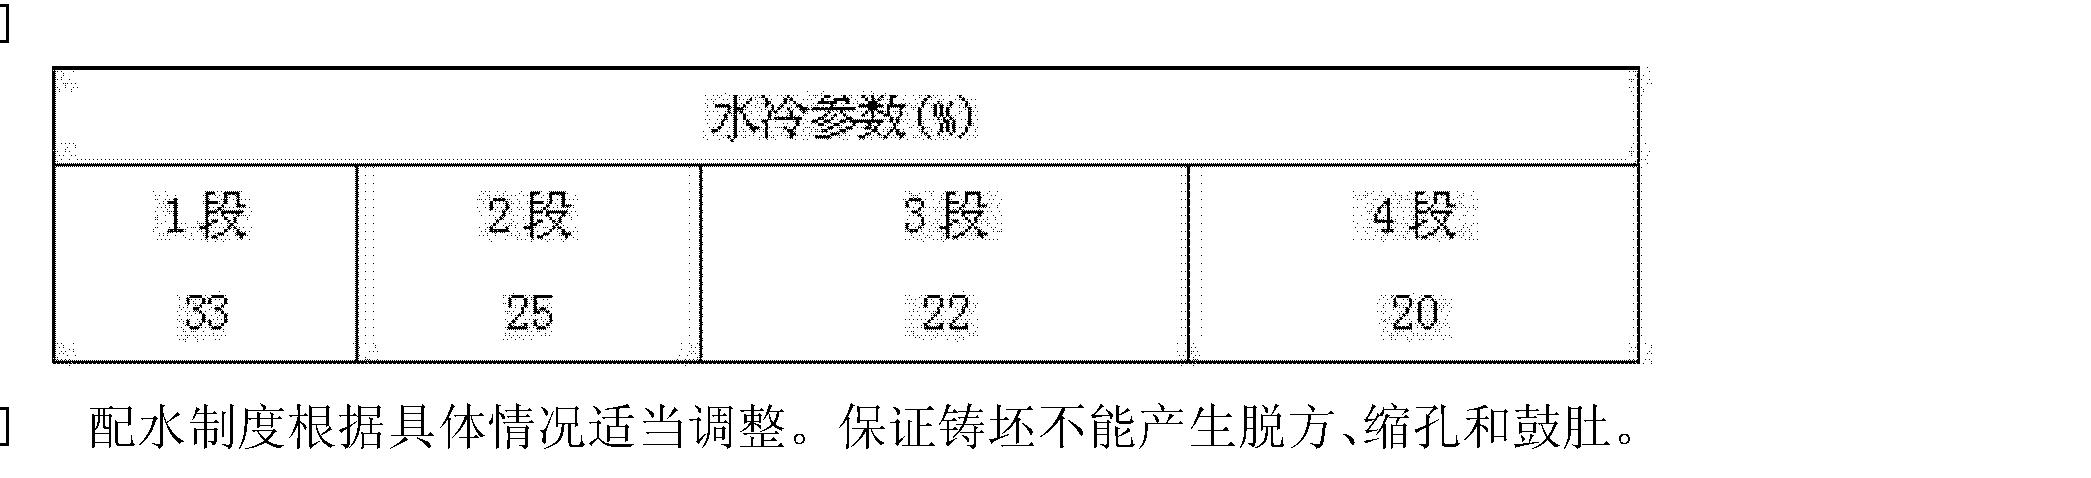 Figure CN102703817BD00061